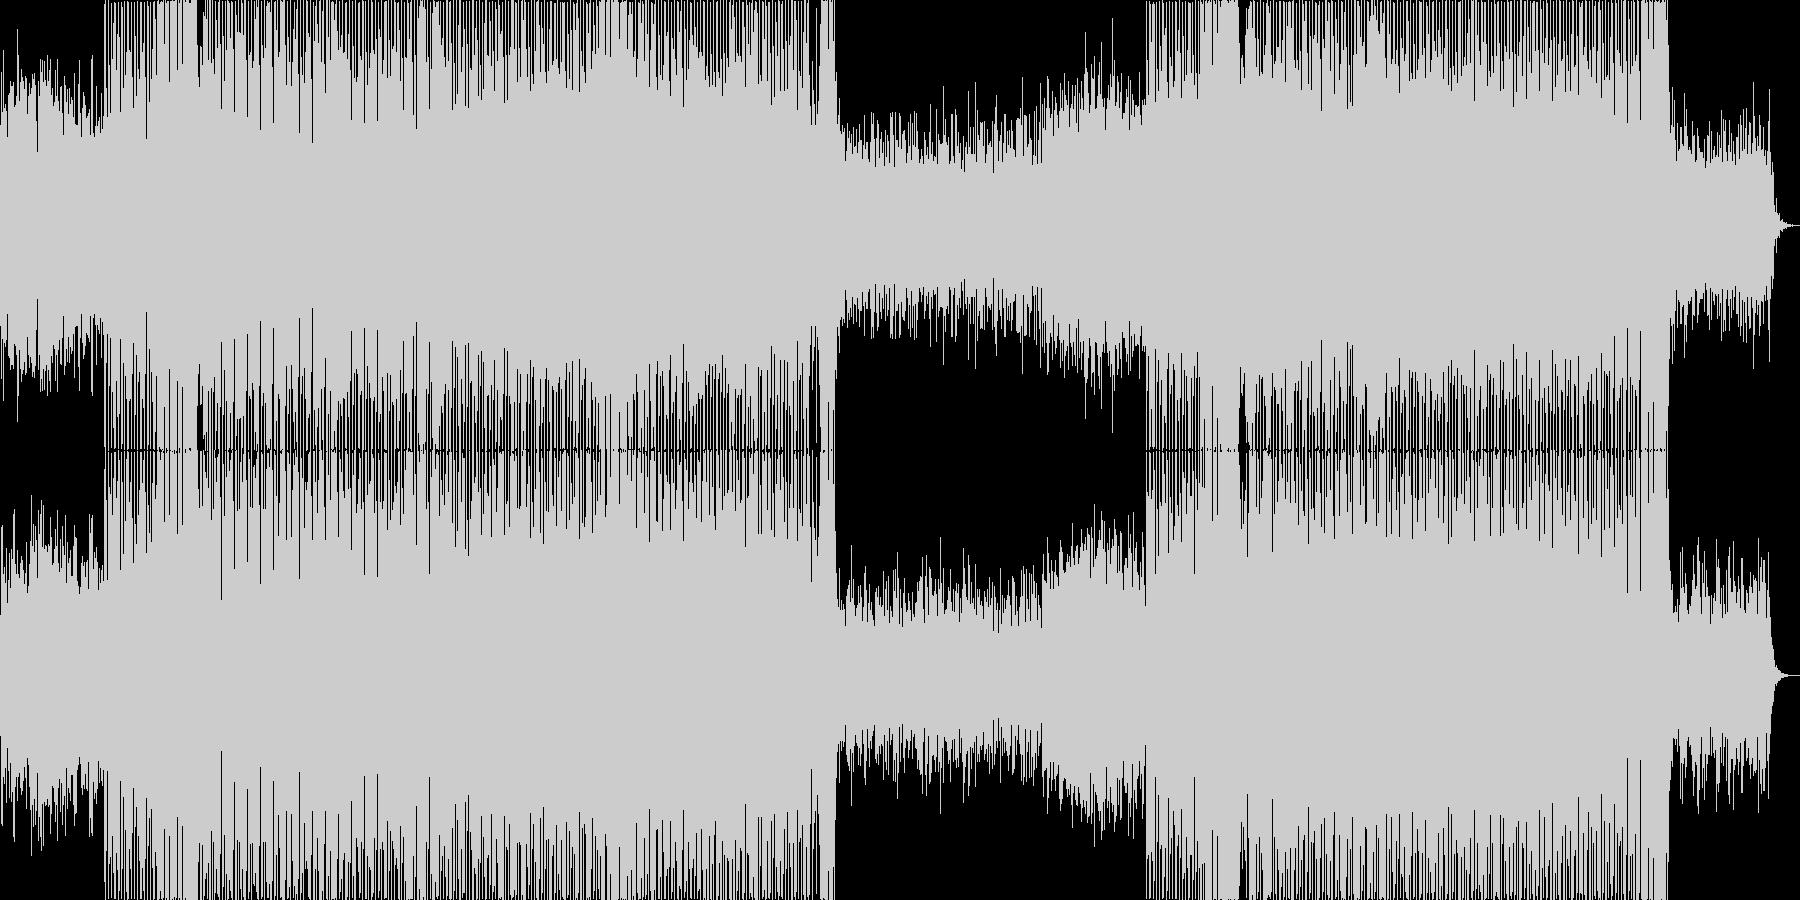 始まりを予感させるようなポップハウス曲の未再生の波形